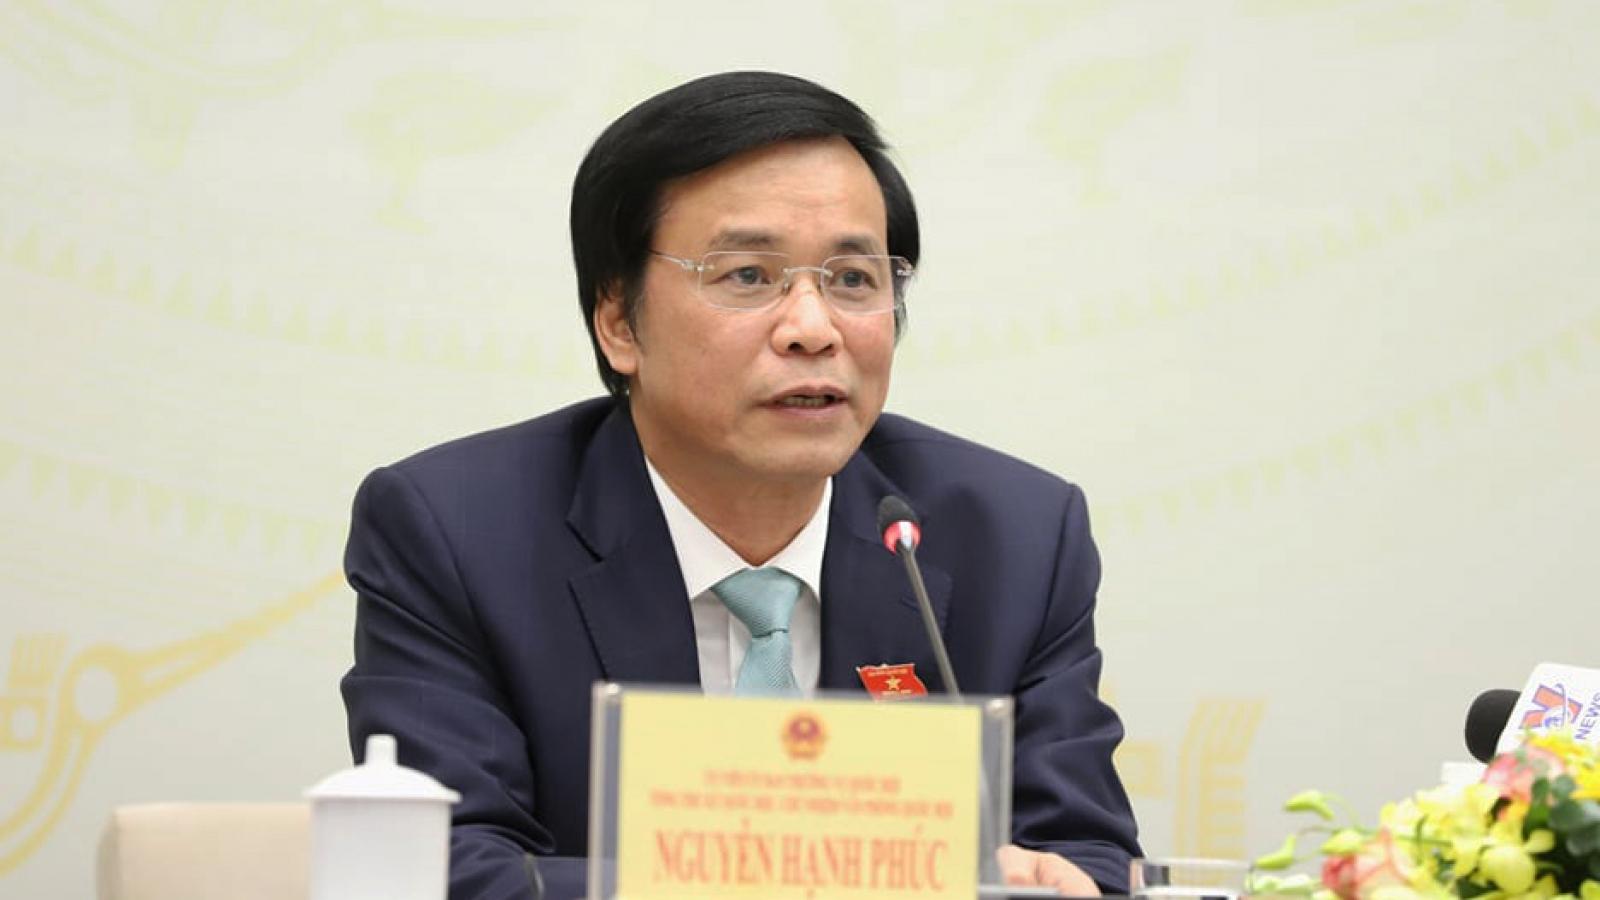 Quốc hội sẽ phê chuẩn bổ nhiệm Bộ trưởng KHCN và Bộ trưởng Y tế